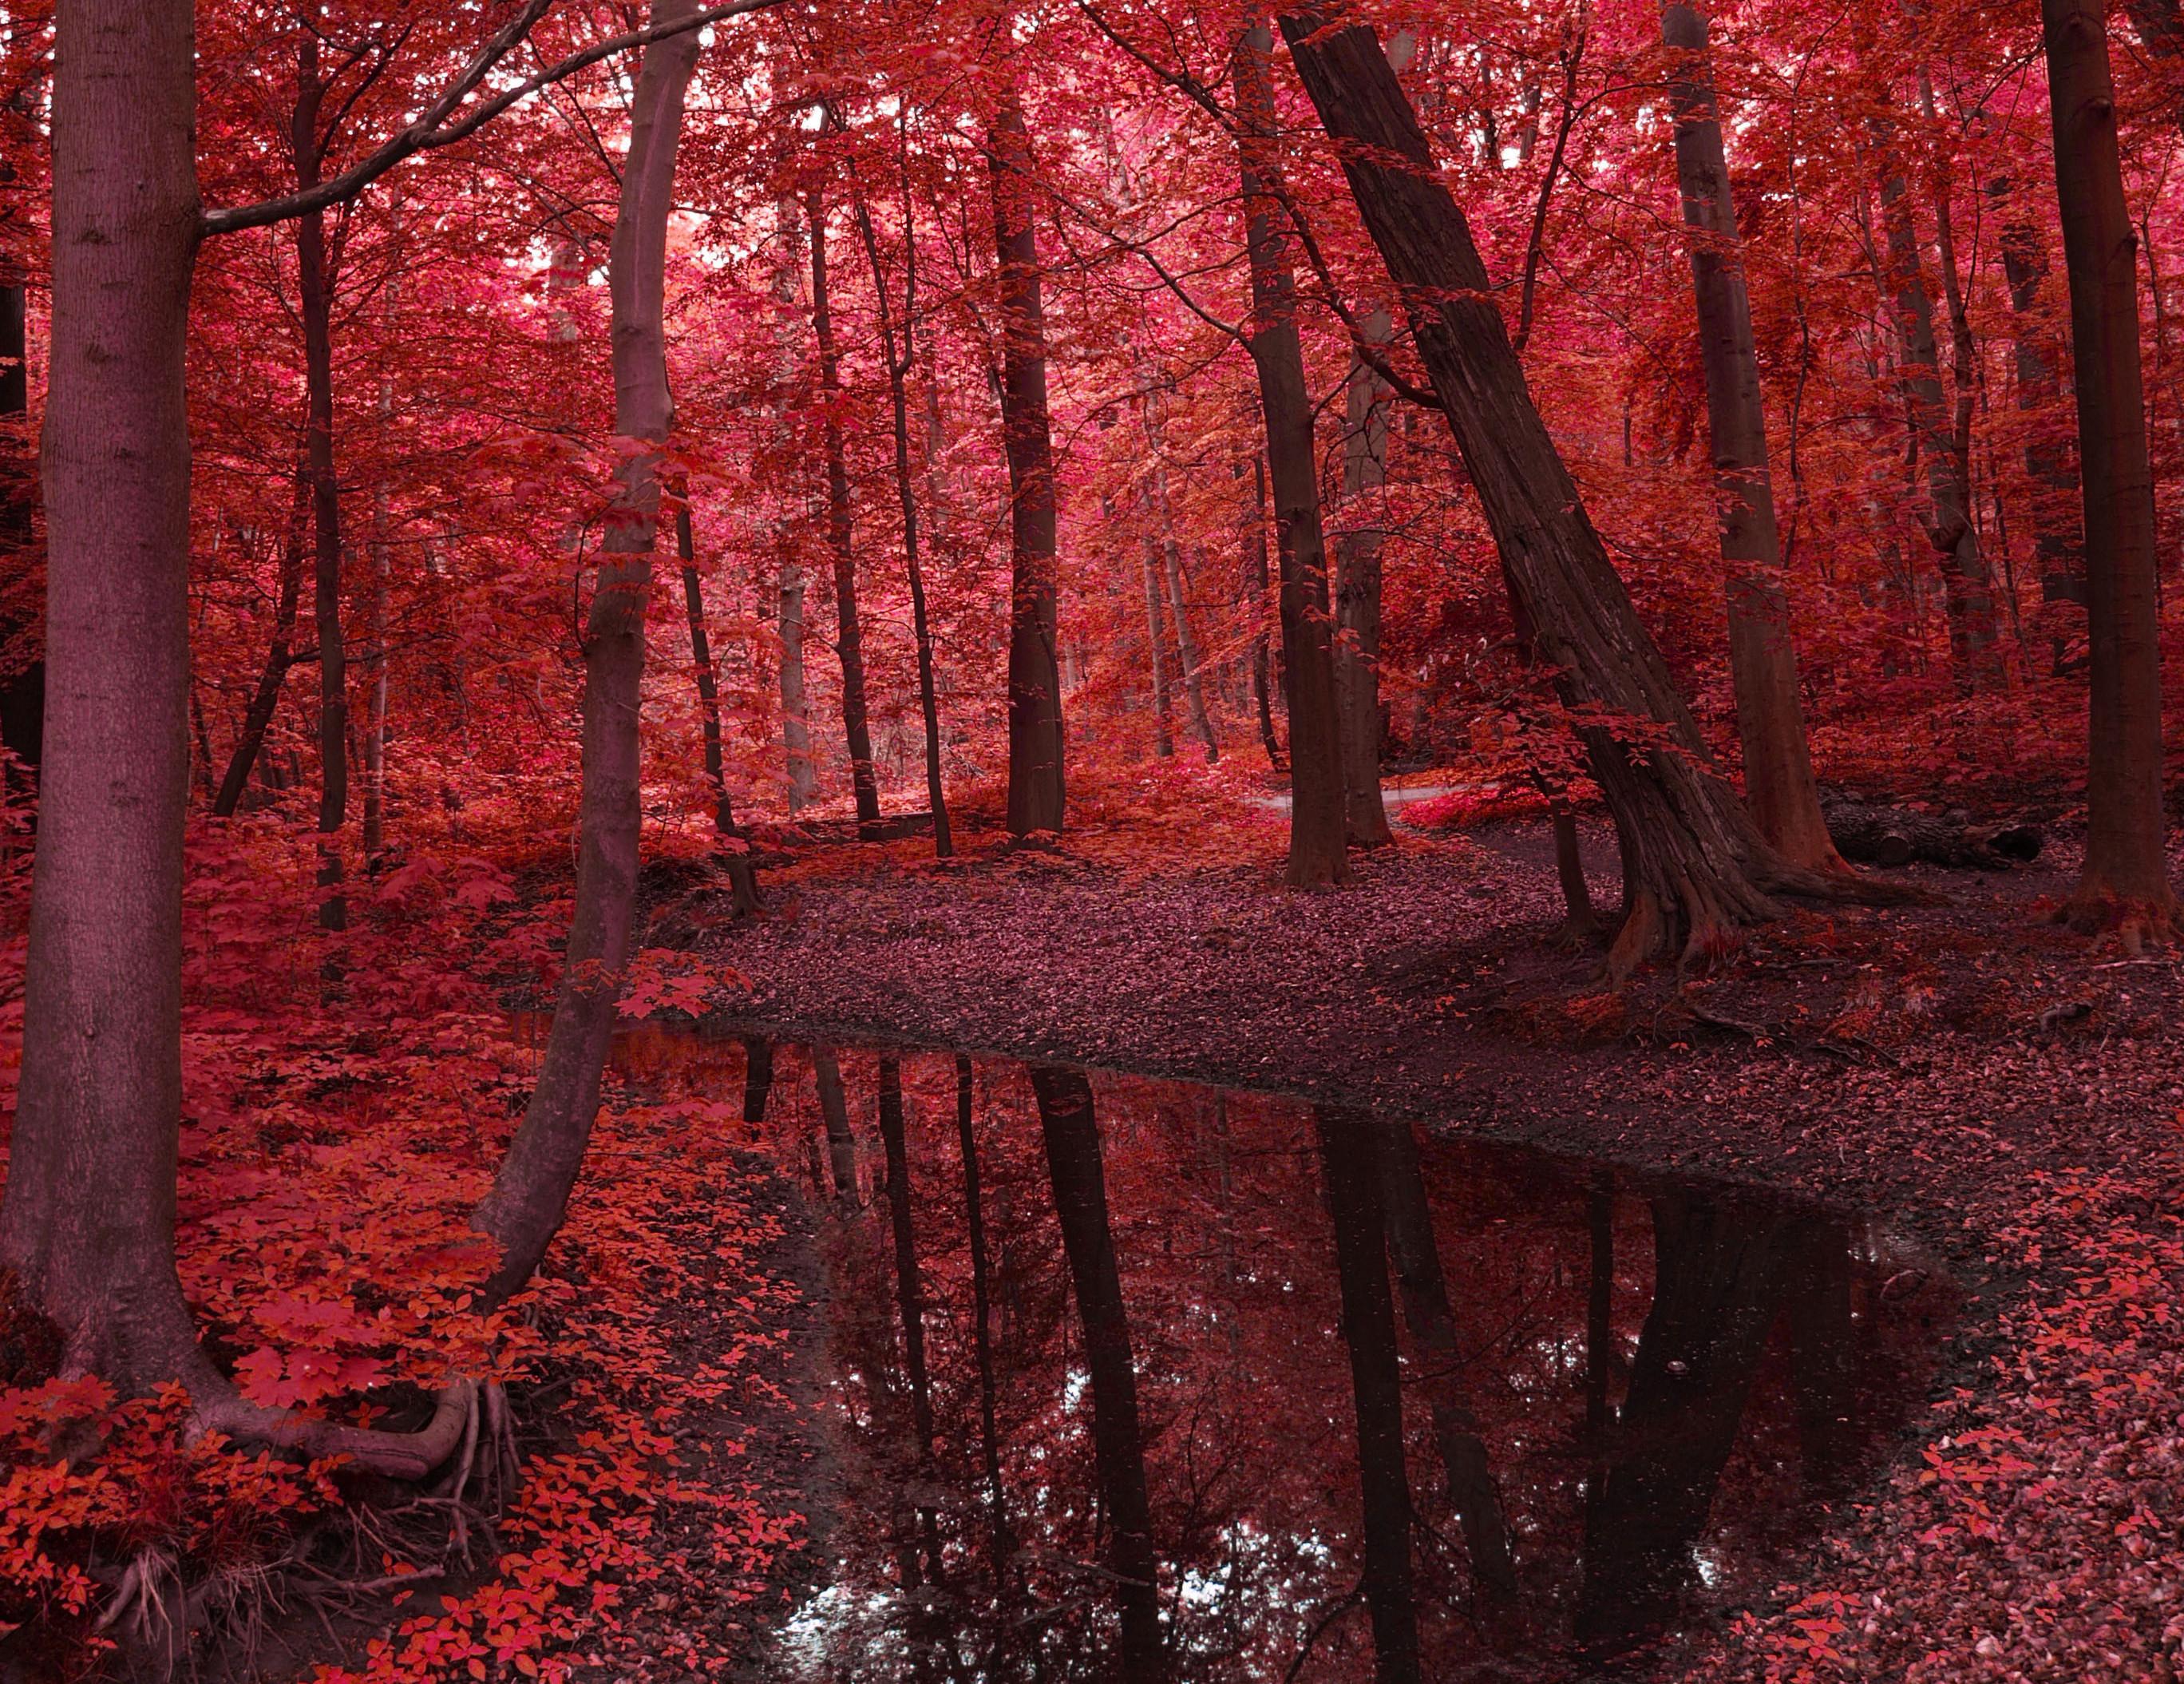 вачковски фото красной осени есть